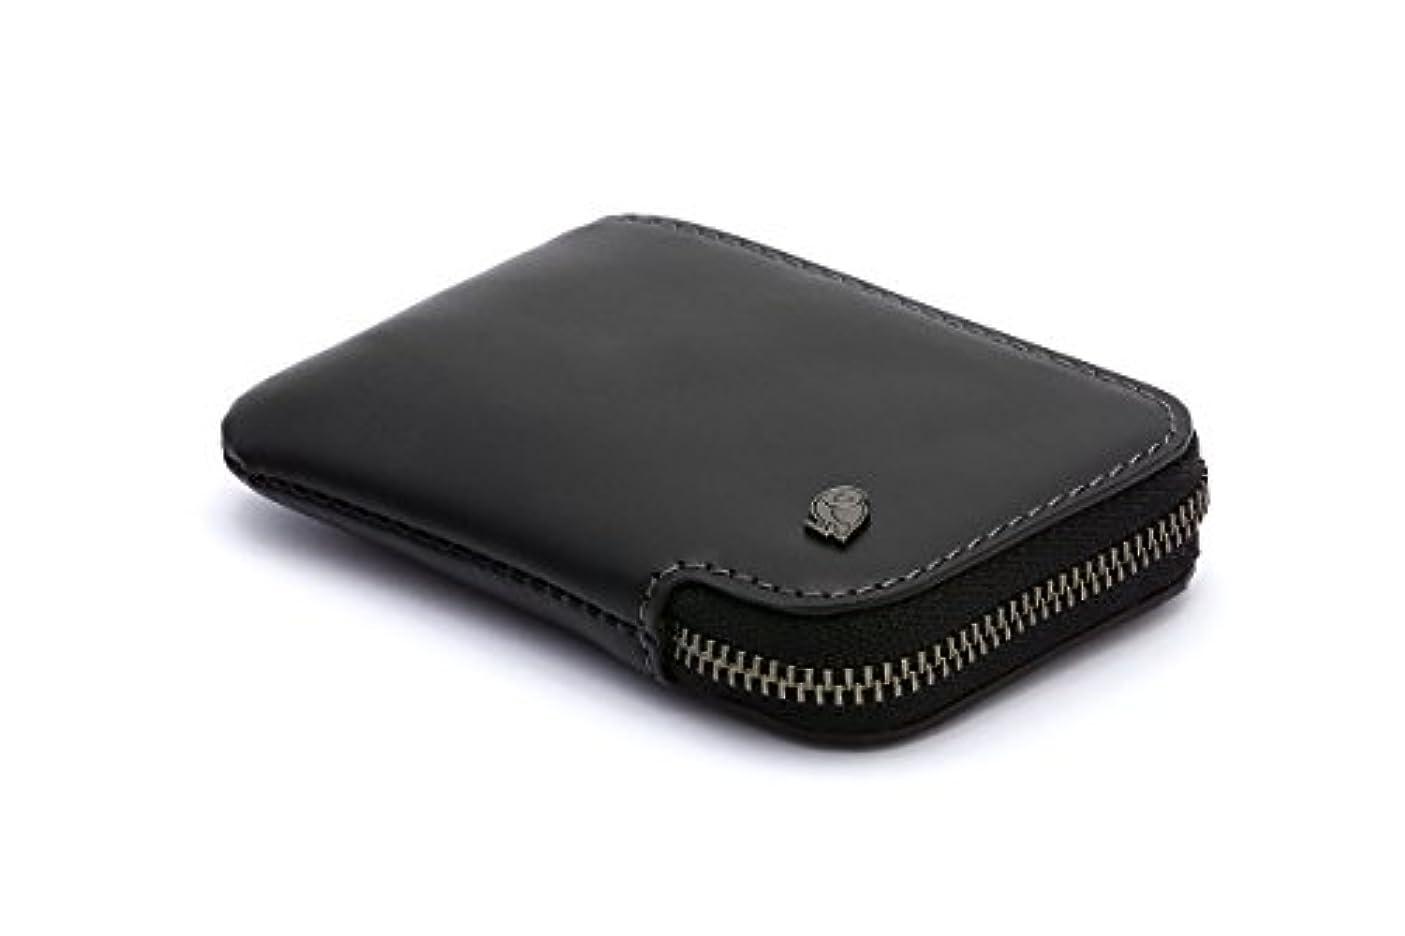 ランデブー疼痛アンケートBellroy メンズ レザ ー Card Pocket ウォレット